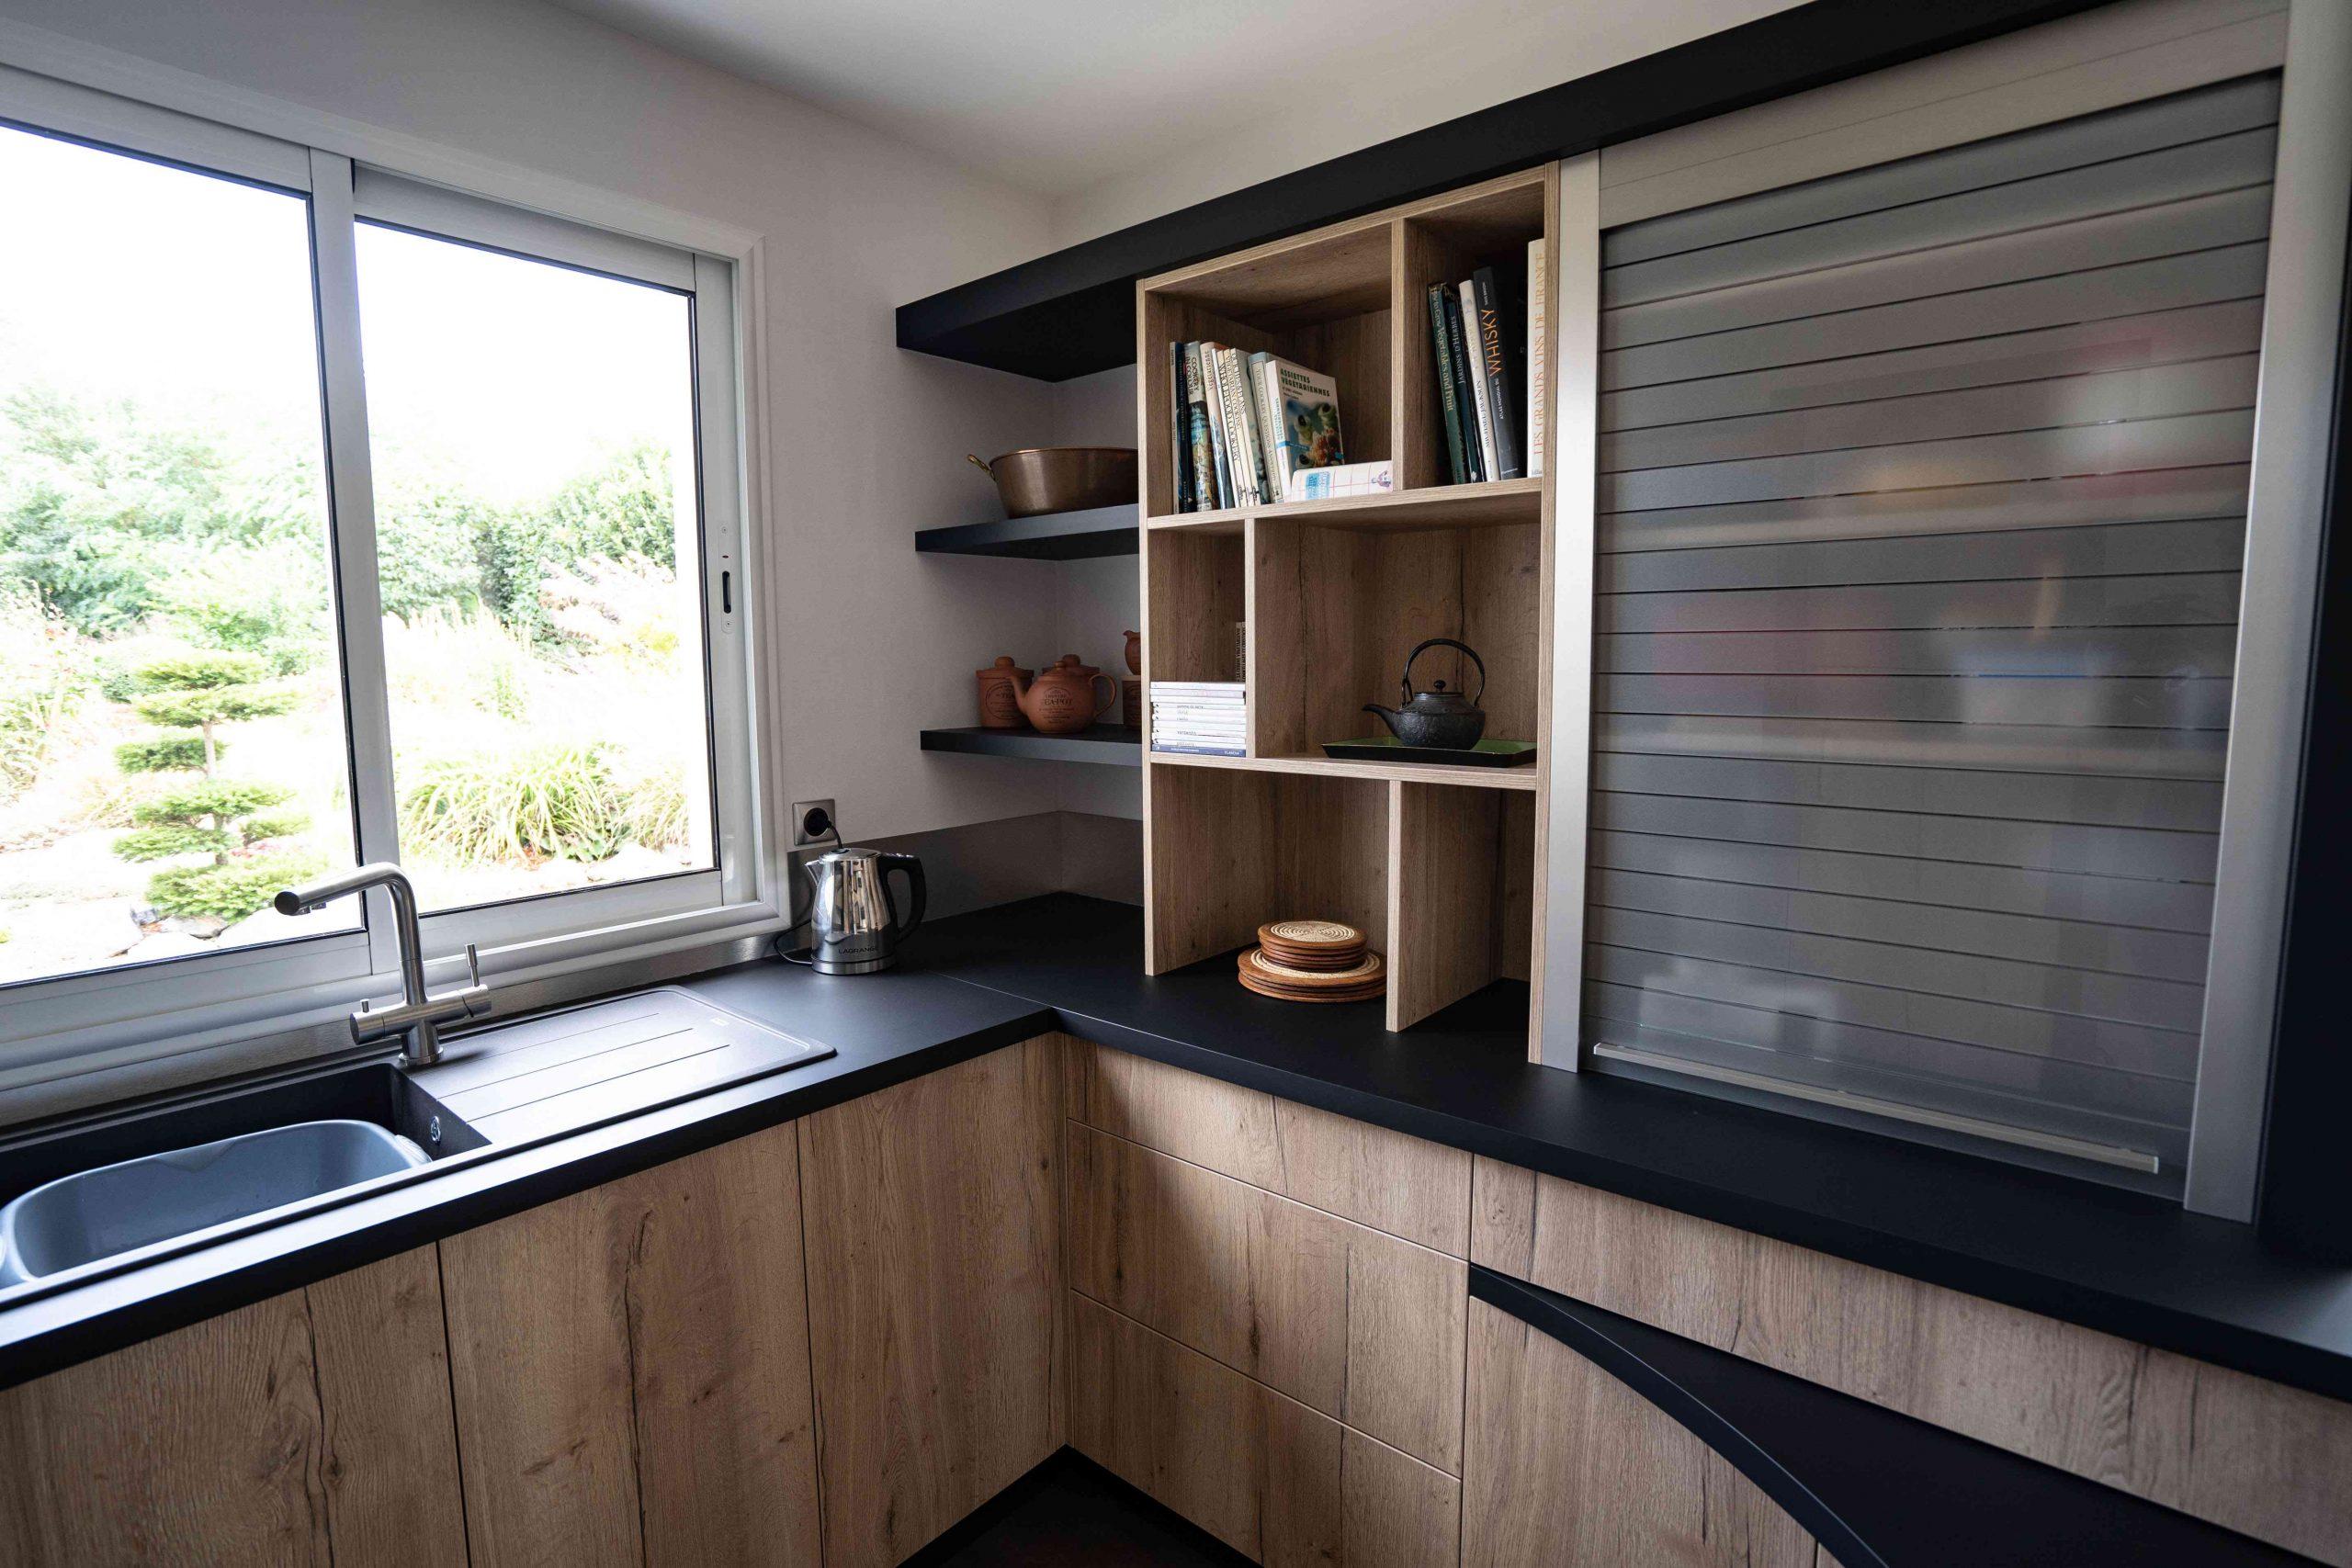 RDI01281 scaled - Cuisine noir et chêne avec table de repas arrondie